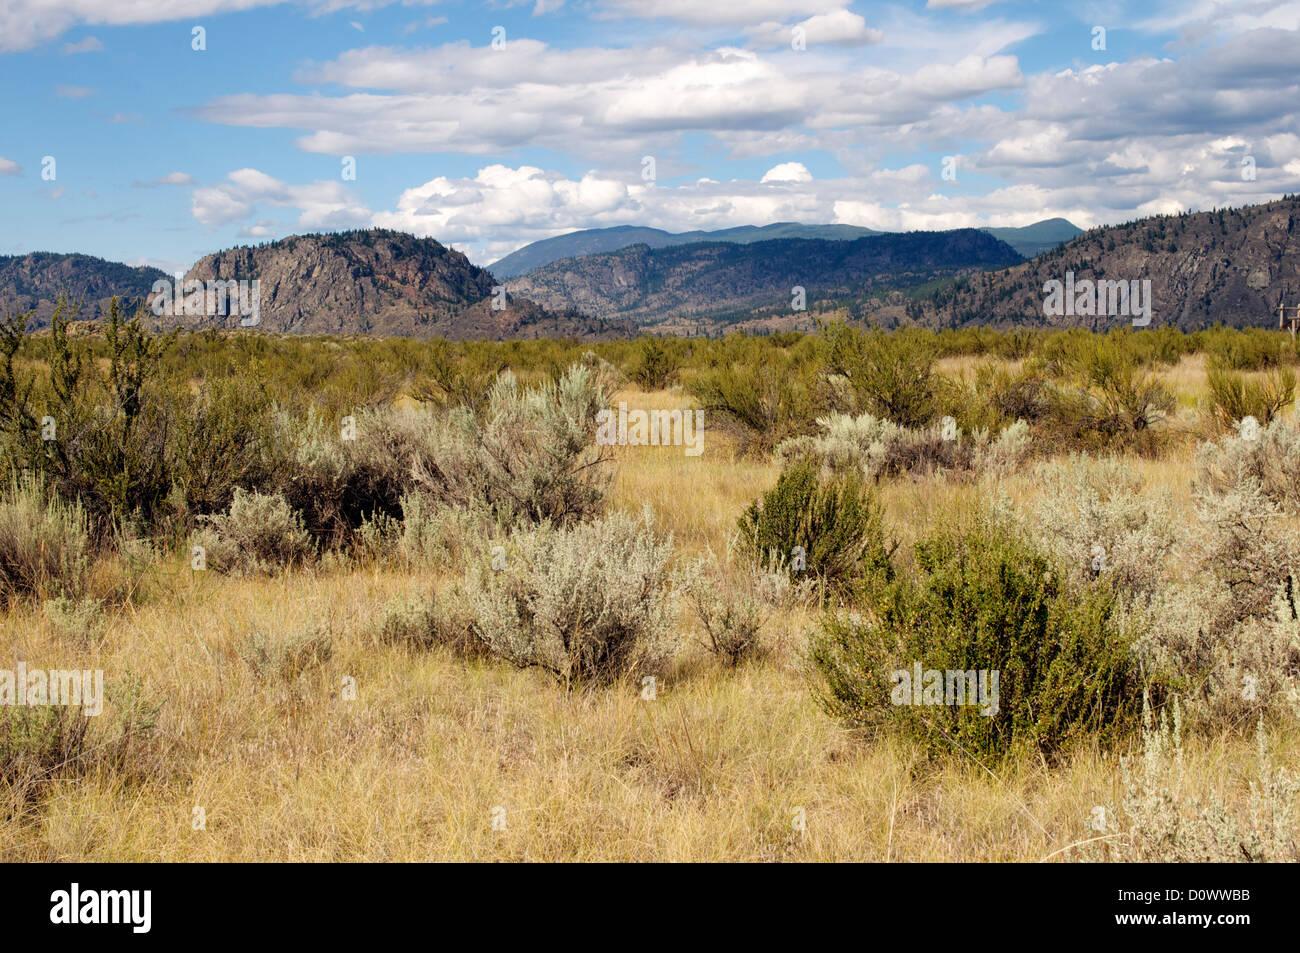 Desert brush landscape - Stock Image